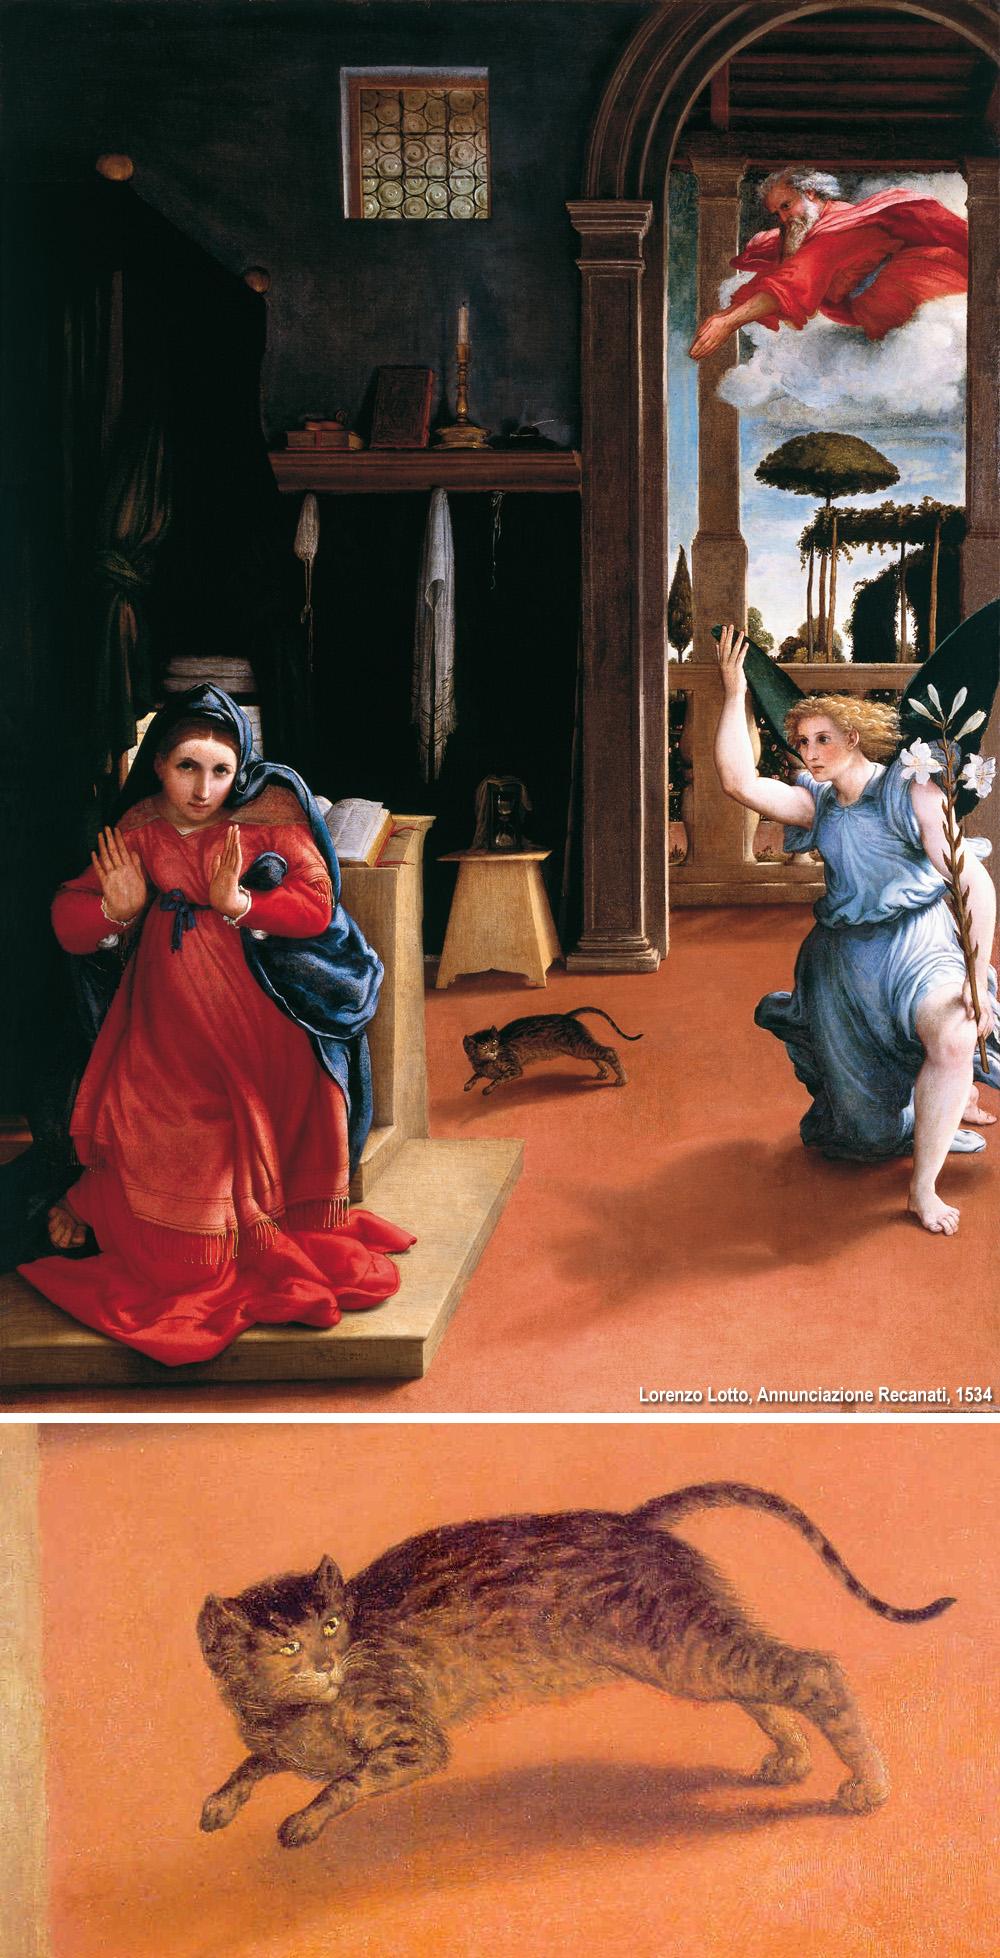 il gatto di Lorenzo Lotto